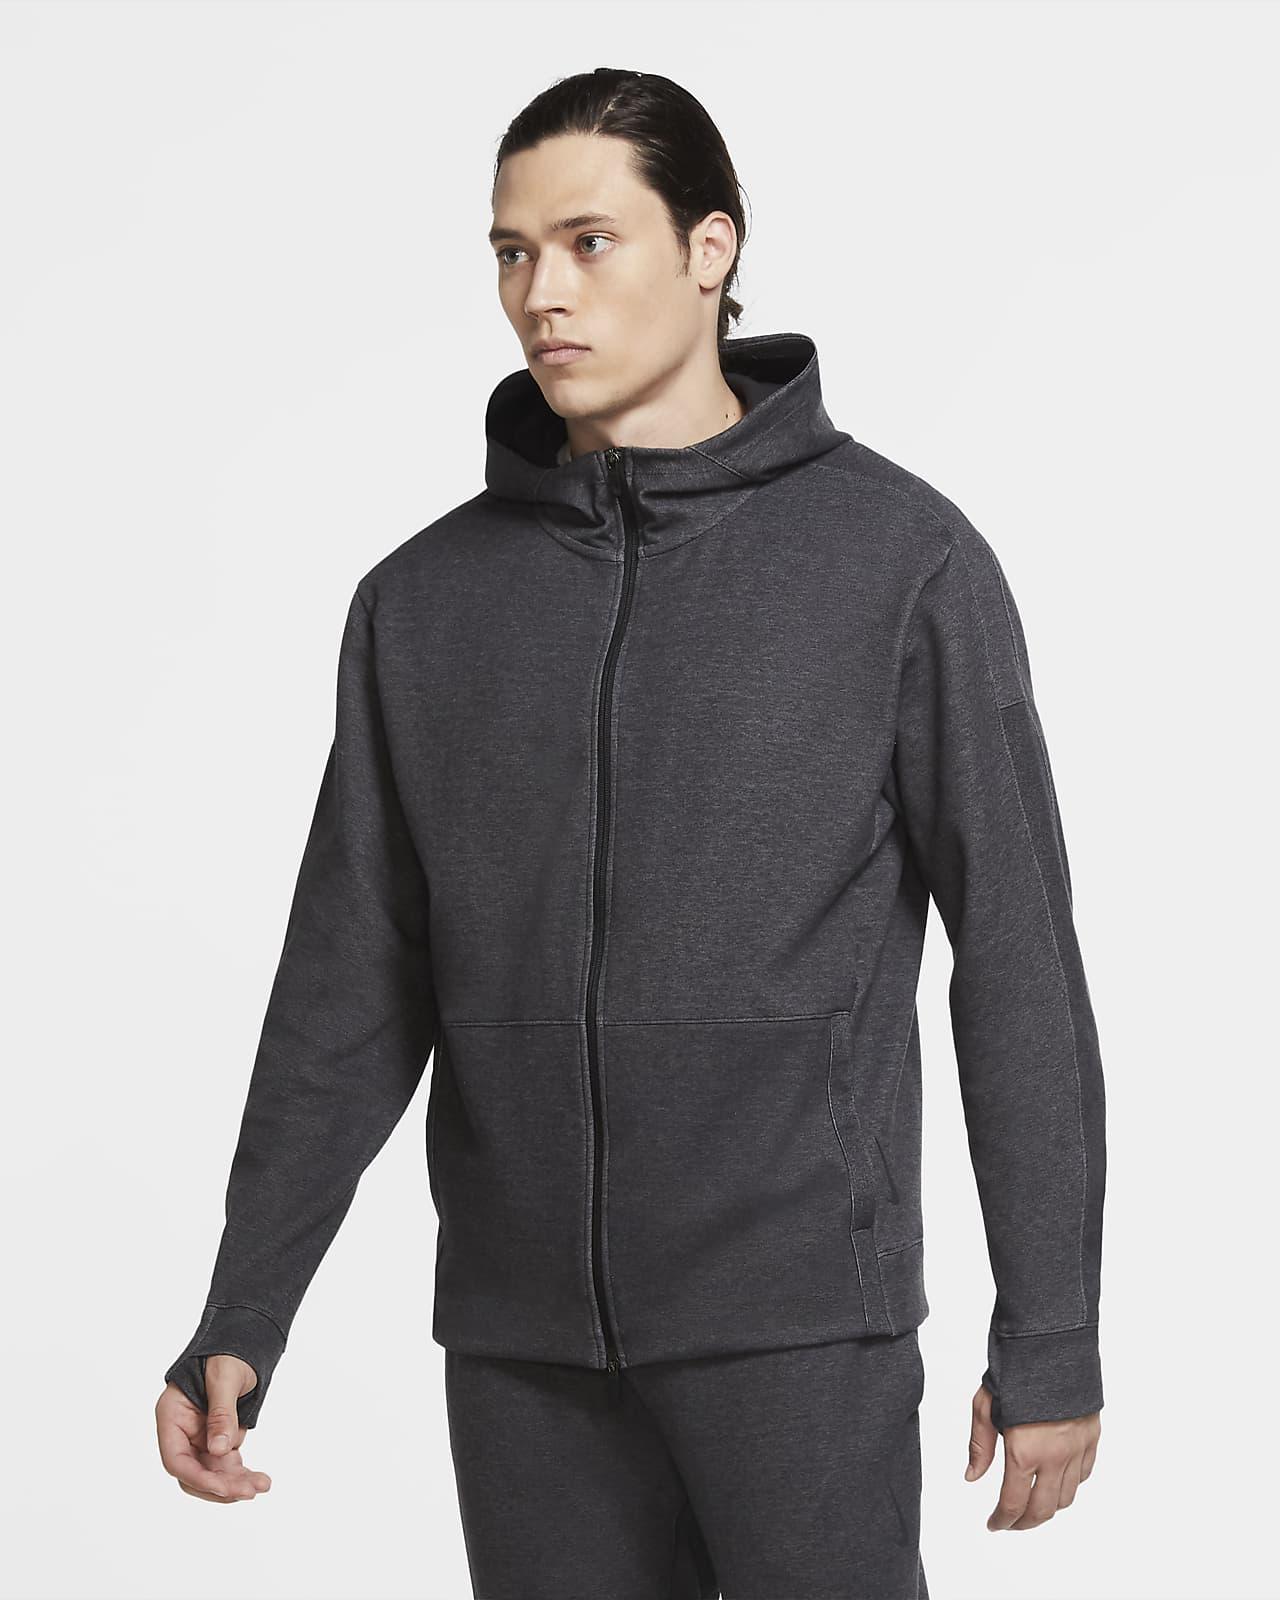 Nike Yoga Men's Full-Zip Hoodie